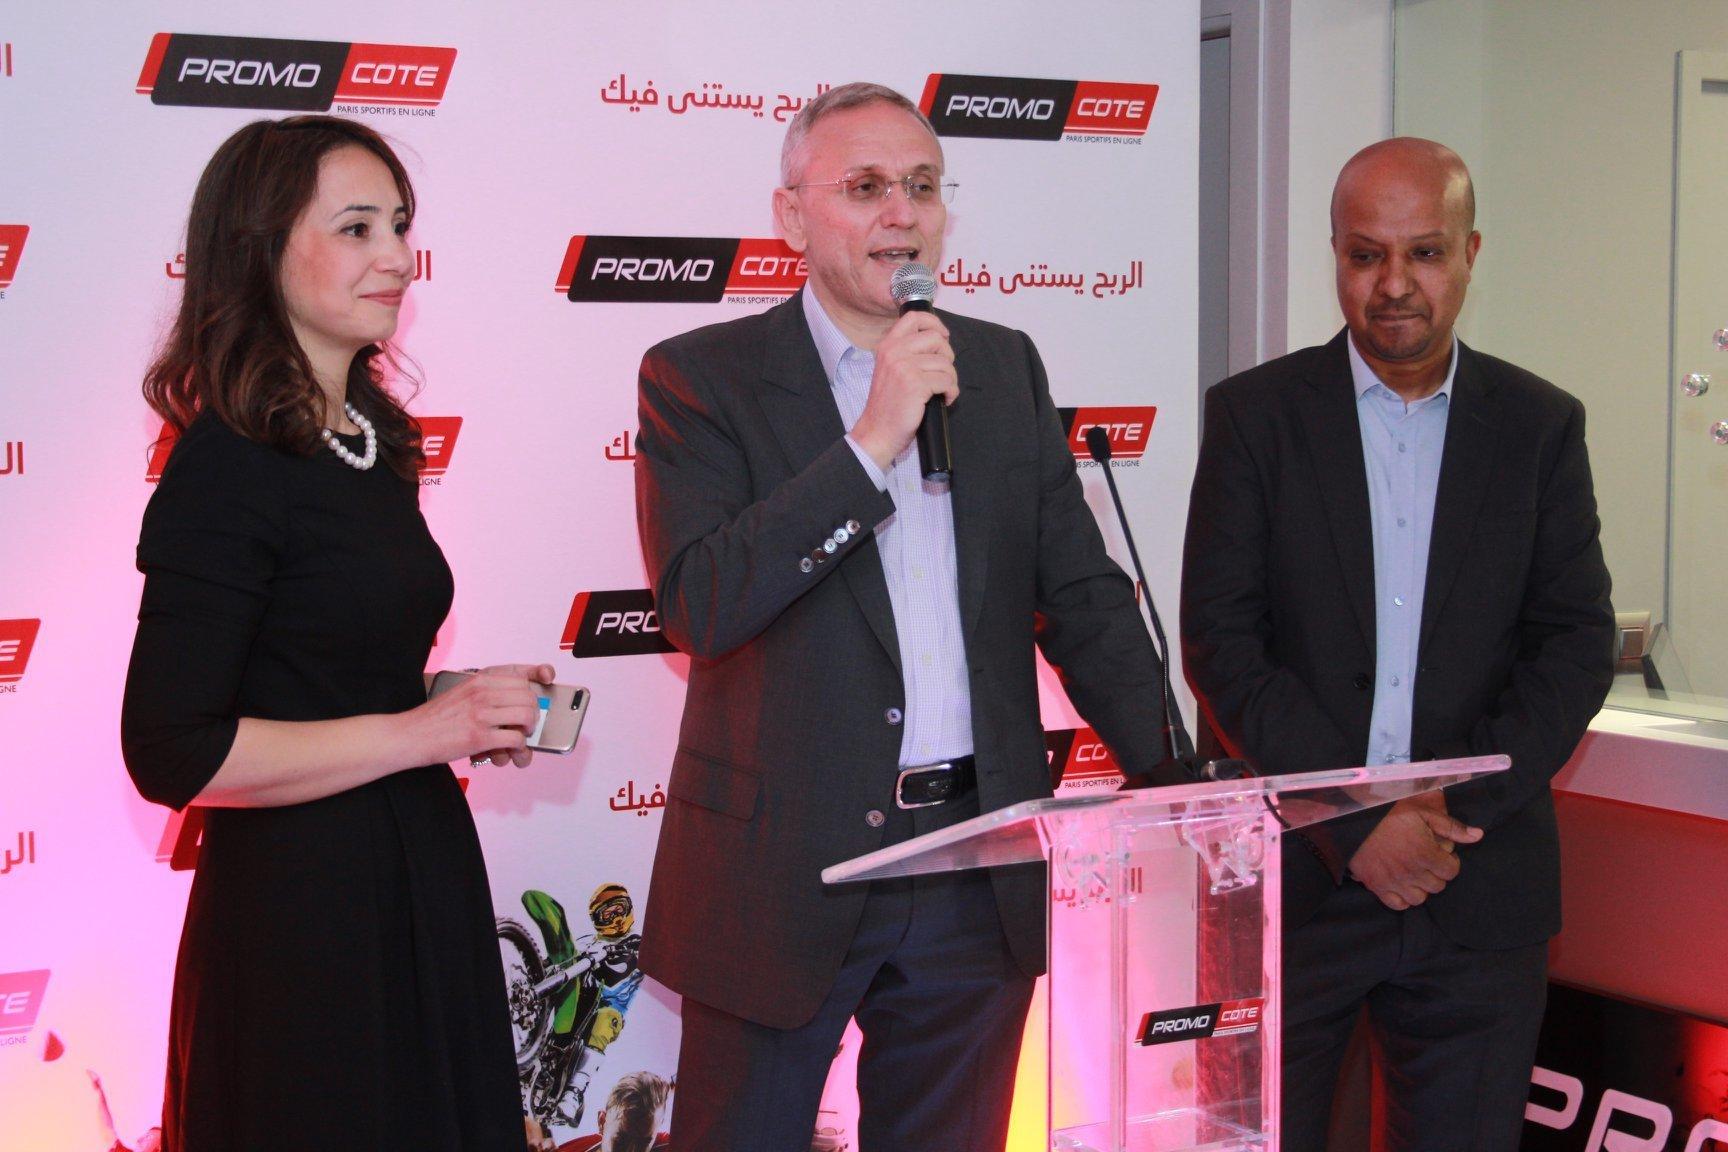 La première boutique de paris sportifs en live voit le jour: Interview de Khayem Malek, l'homme derrière ce